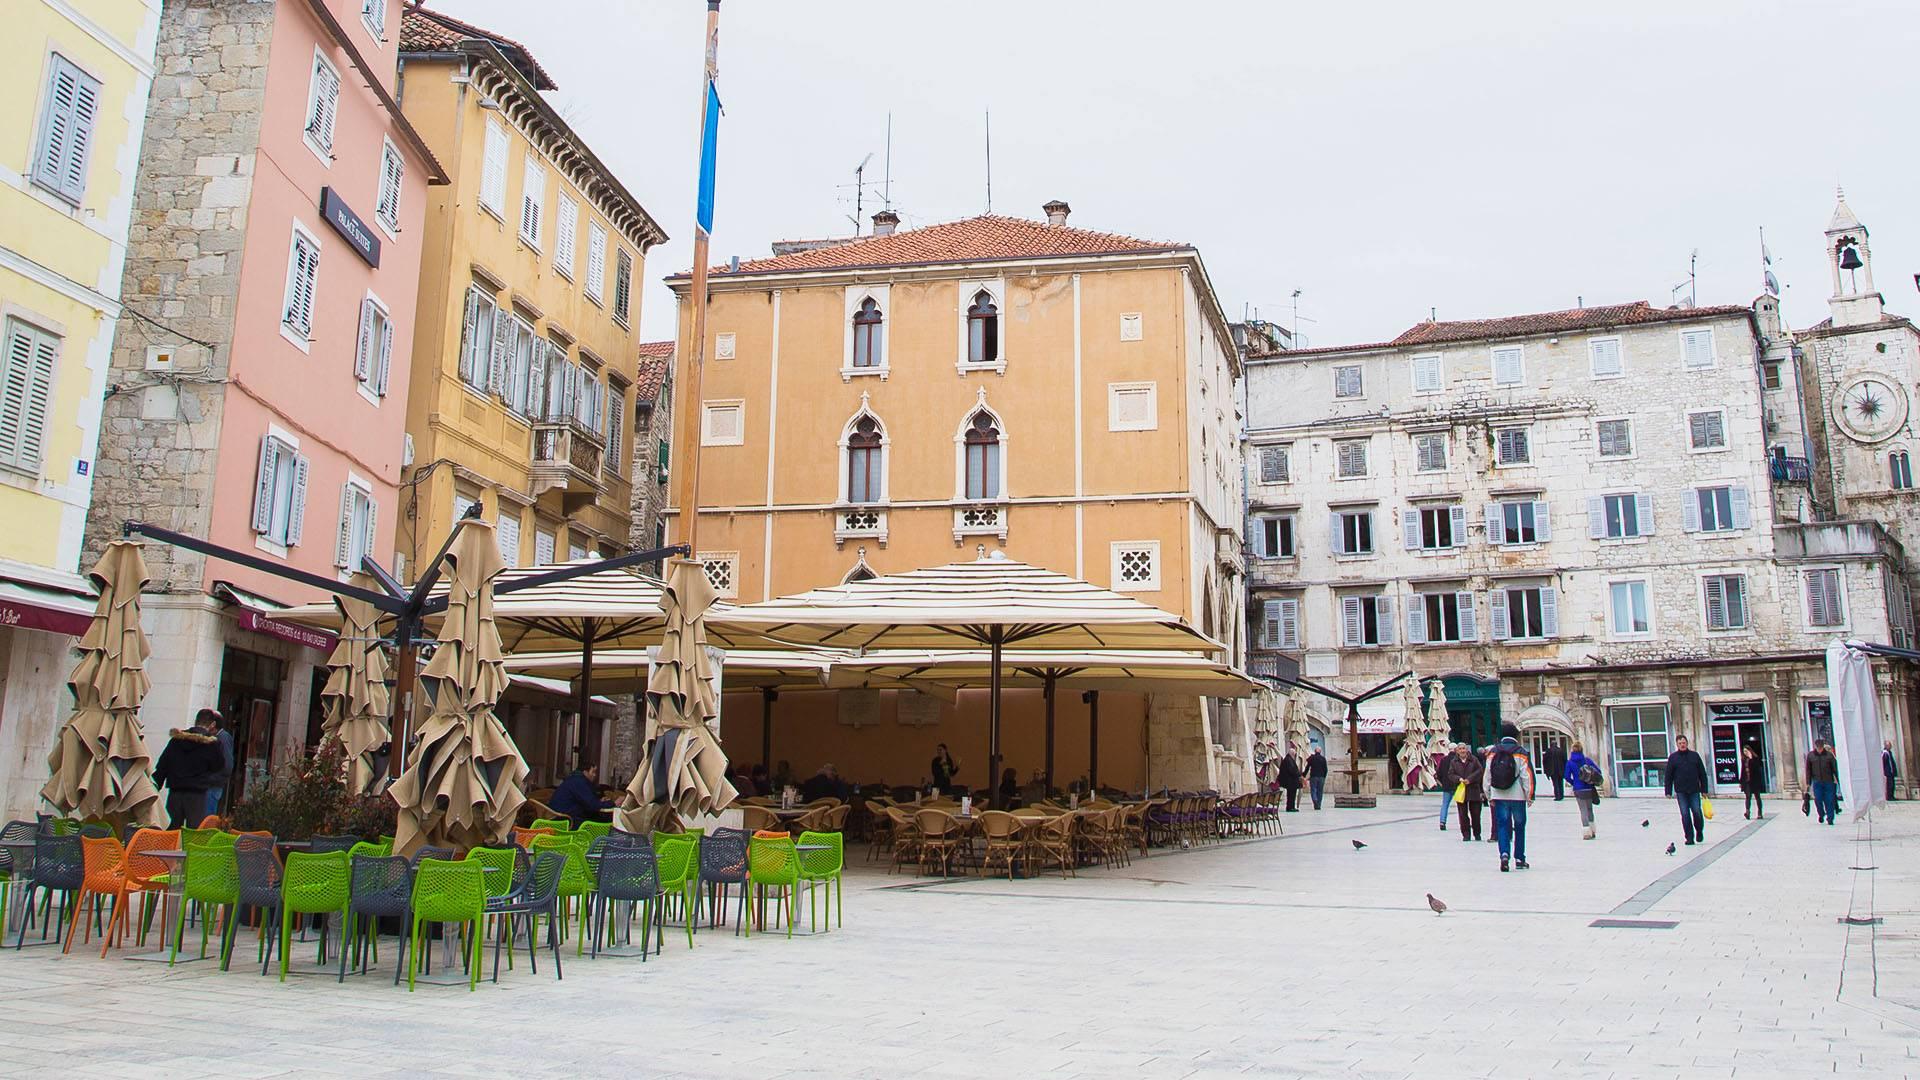 Večeras počinje ciklus predavanja Društva arhitekata Splita